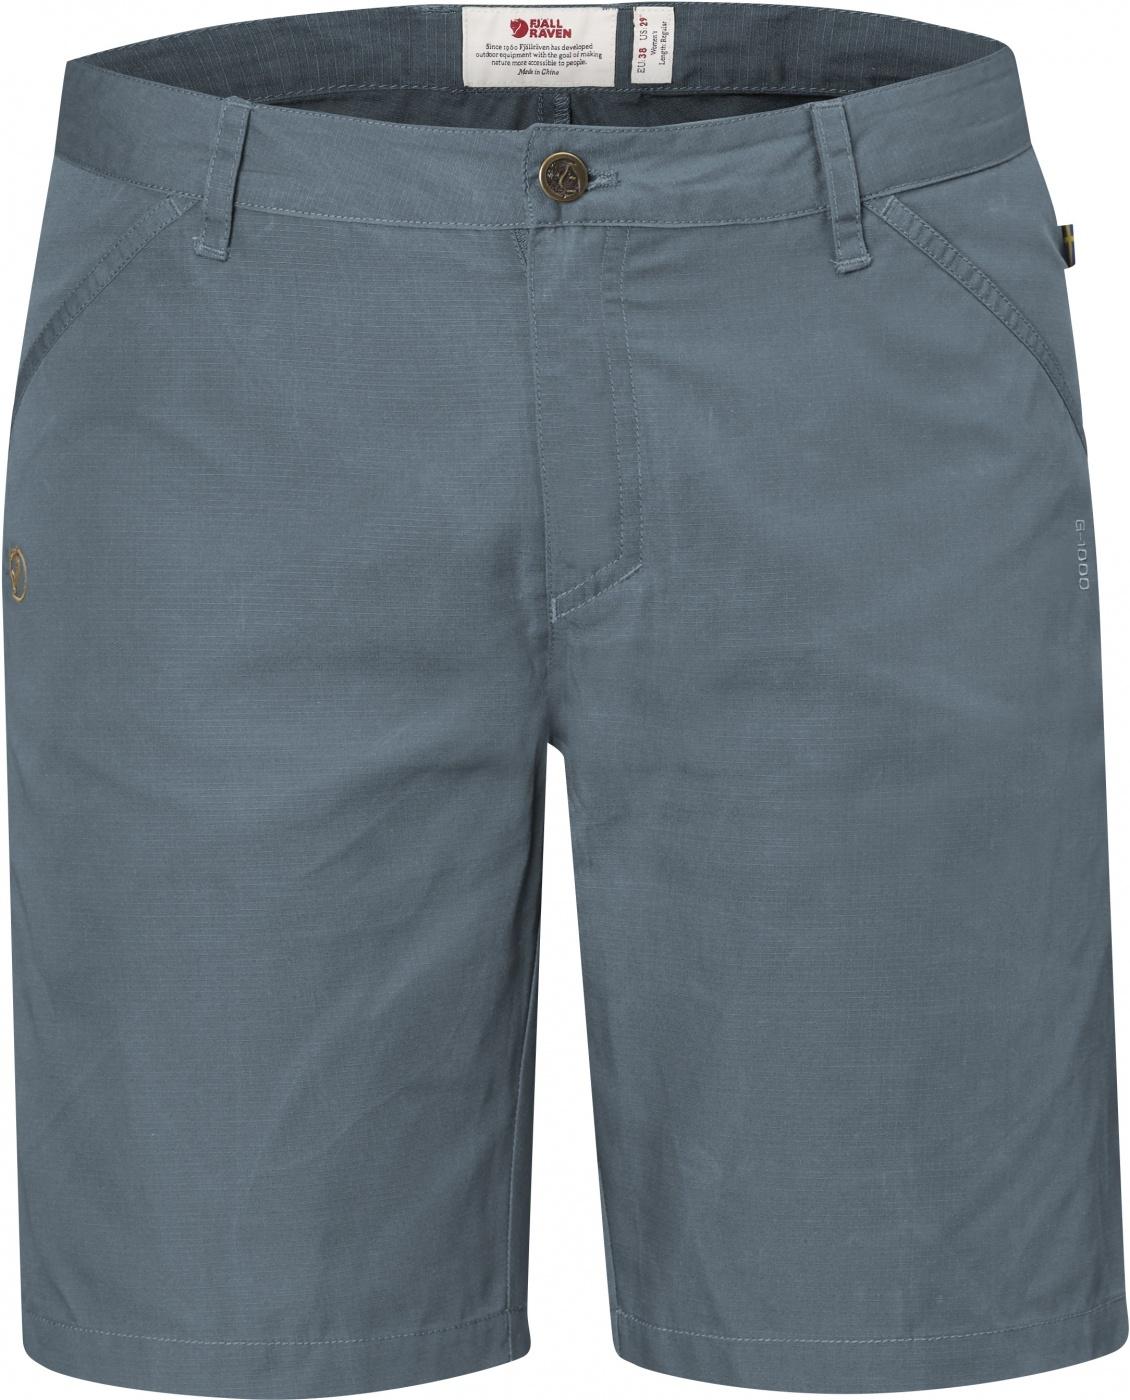 Спортивные шорты женские FjallRaven High Coast Shorts,